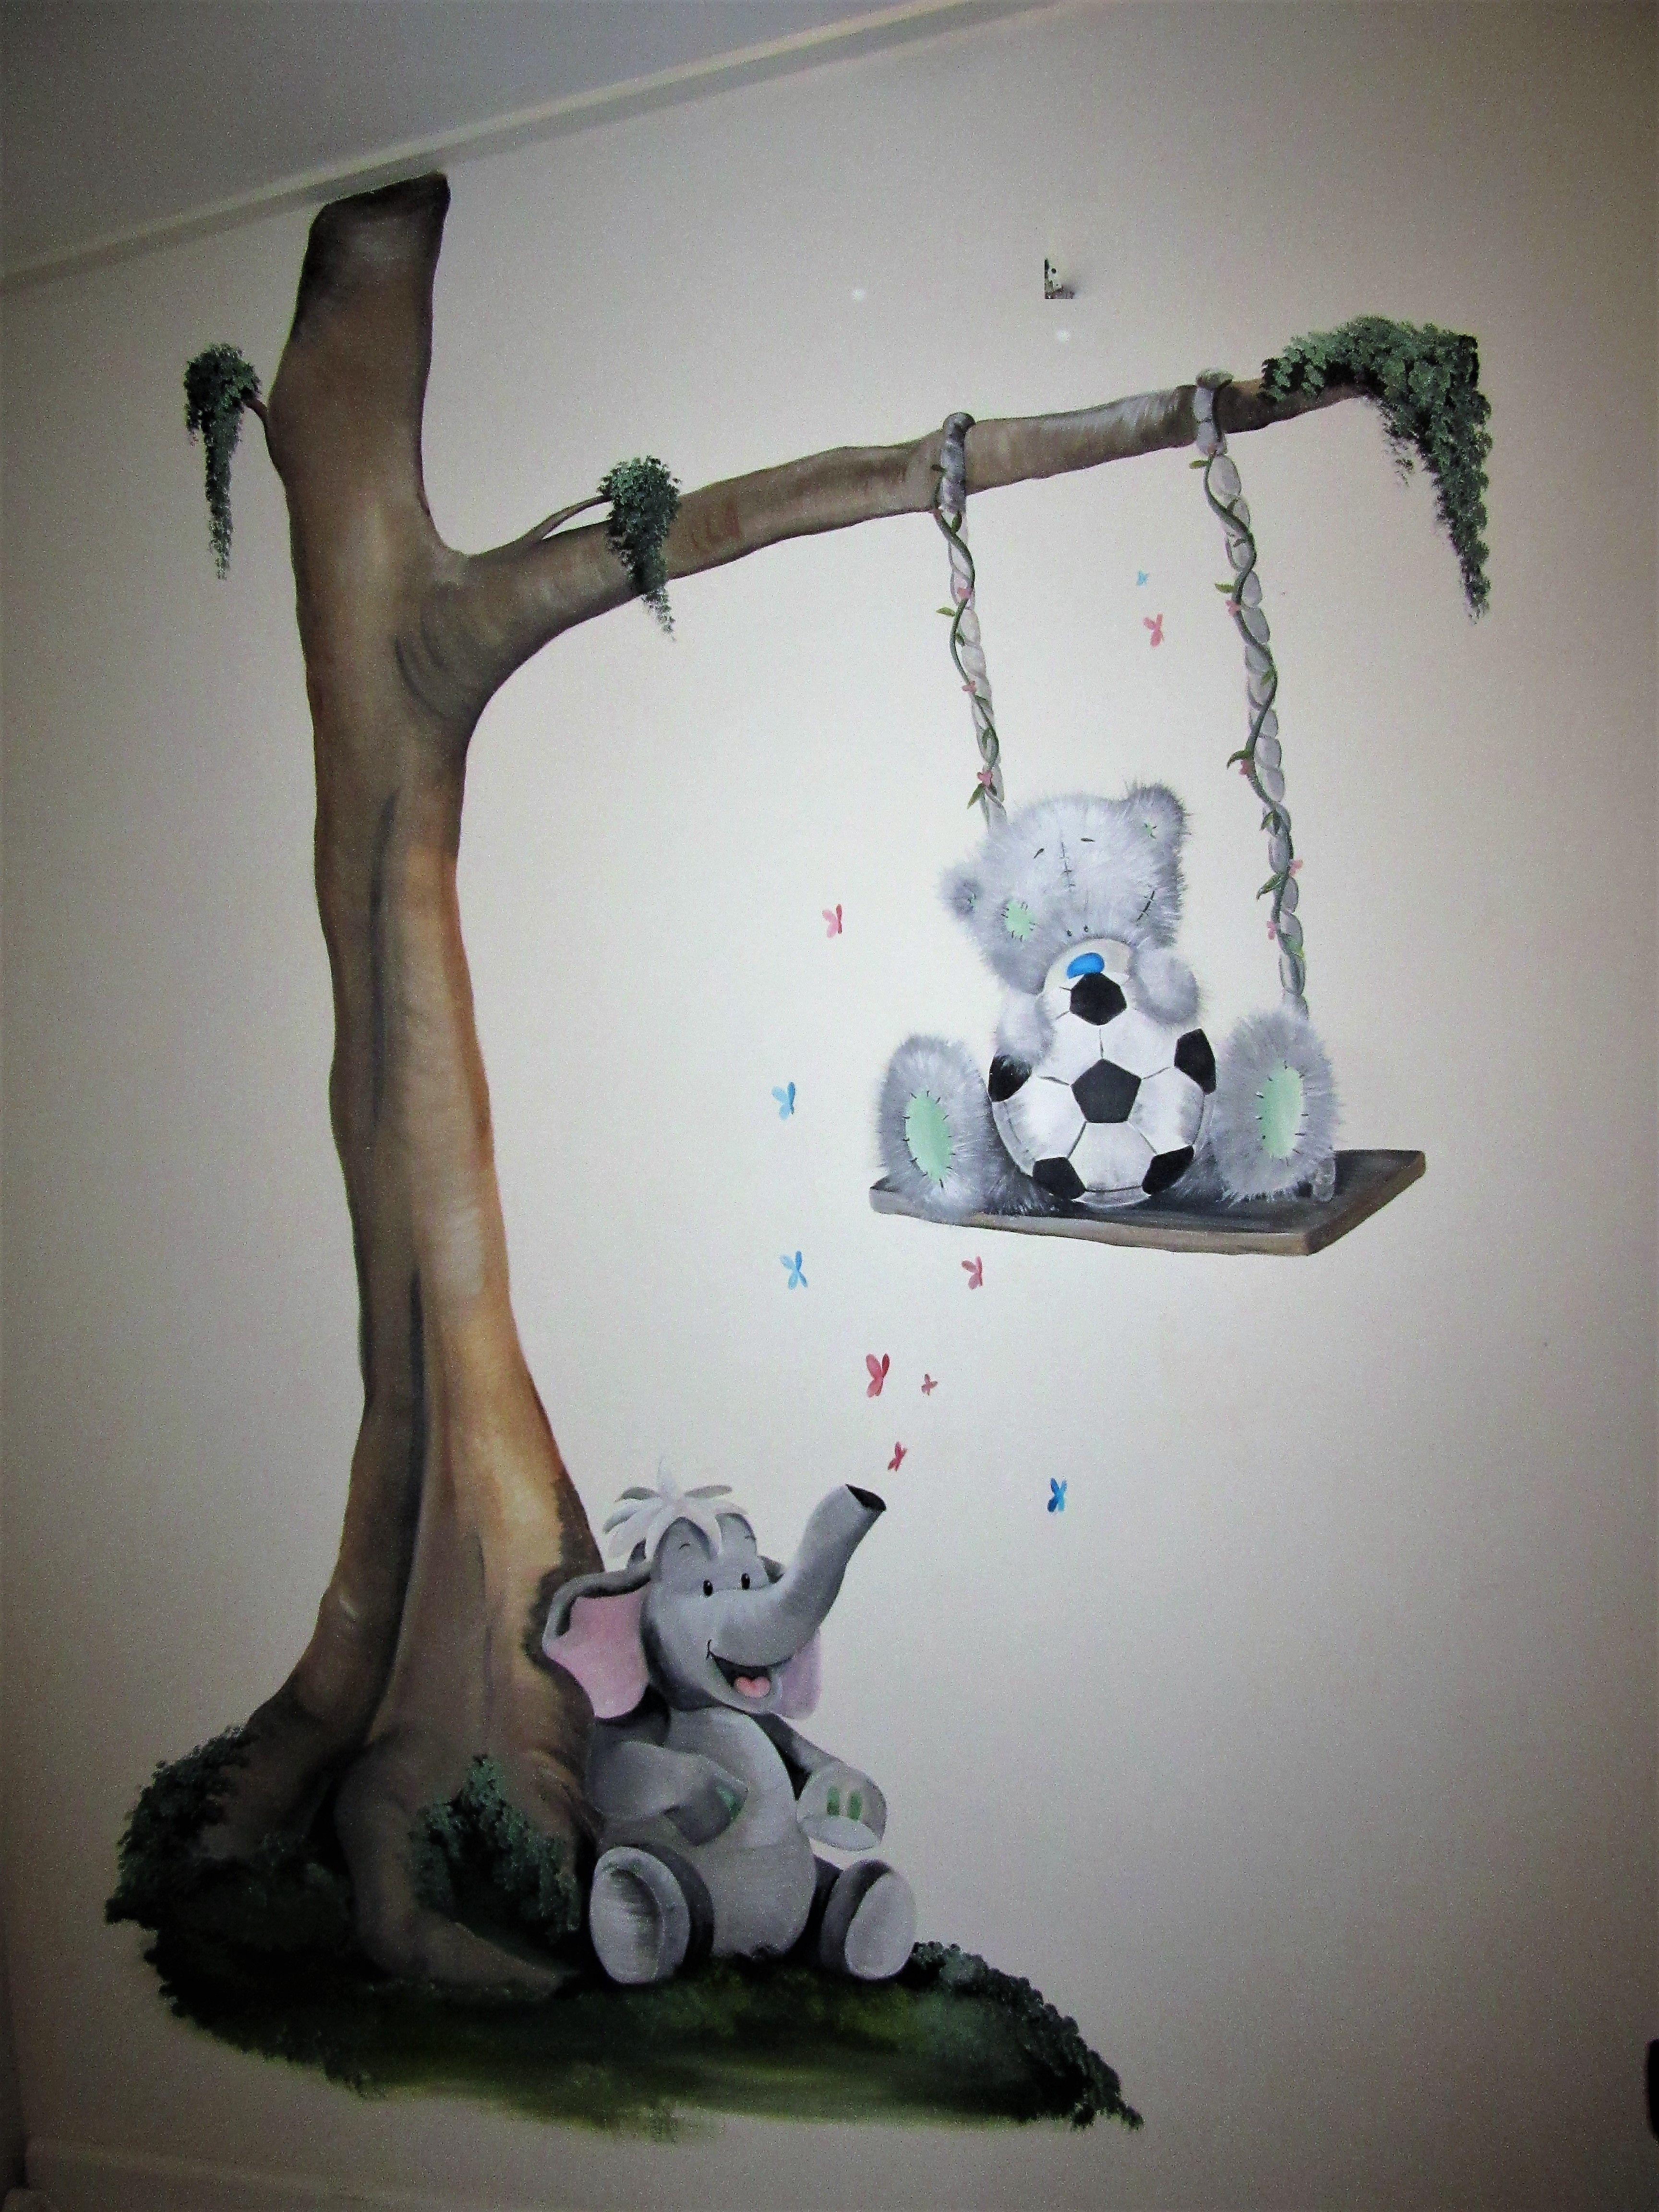 Kinderkamer Decoratie Muur.Muurschildering Babykamer Kinderkamer Baby Schildering Muur